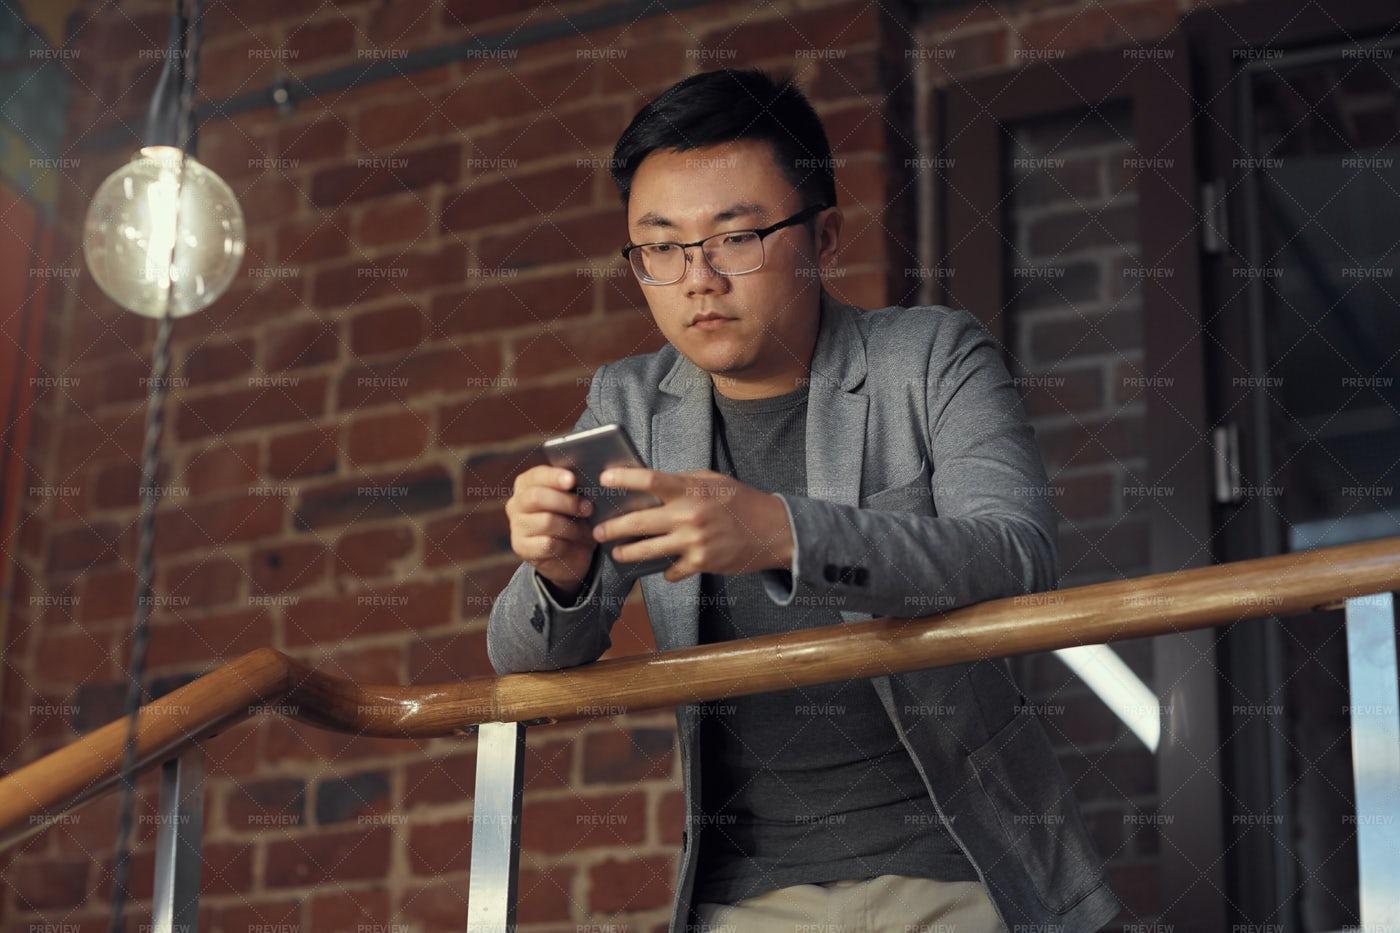 Asian Man Using Smartphone At...: Stock Photos